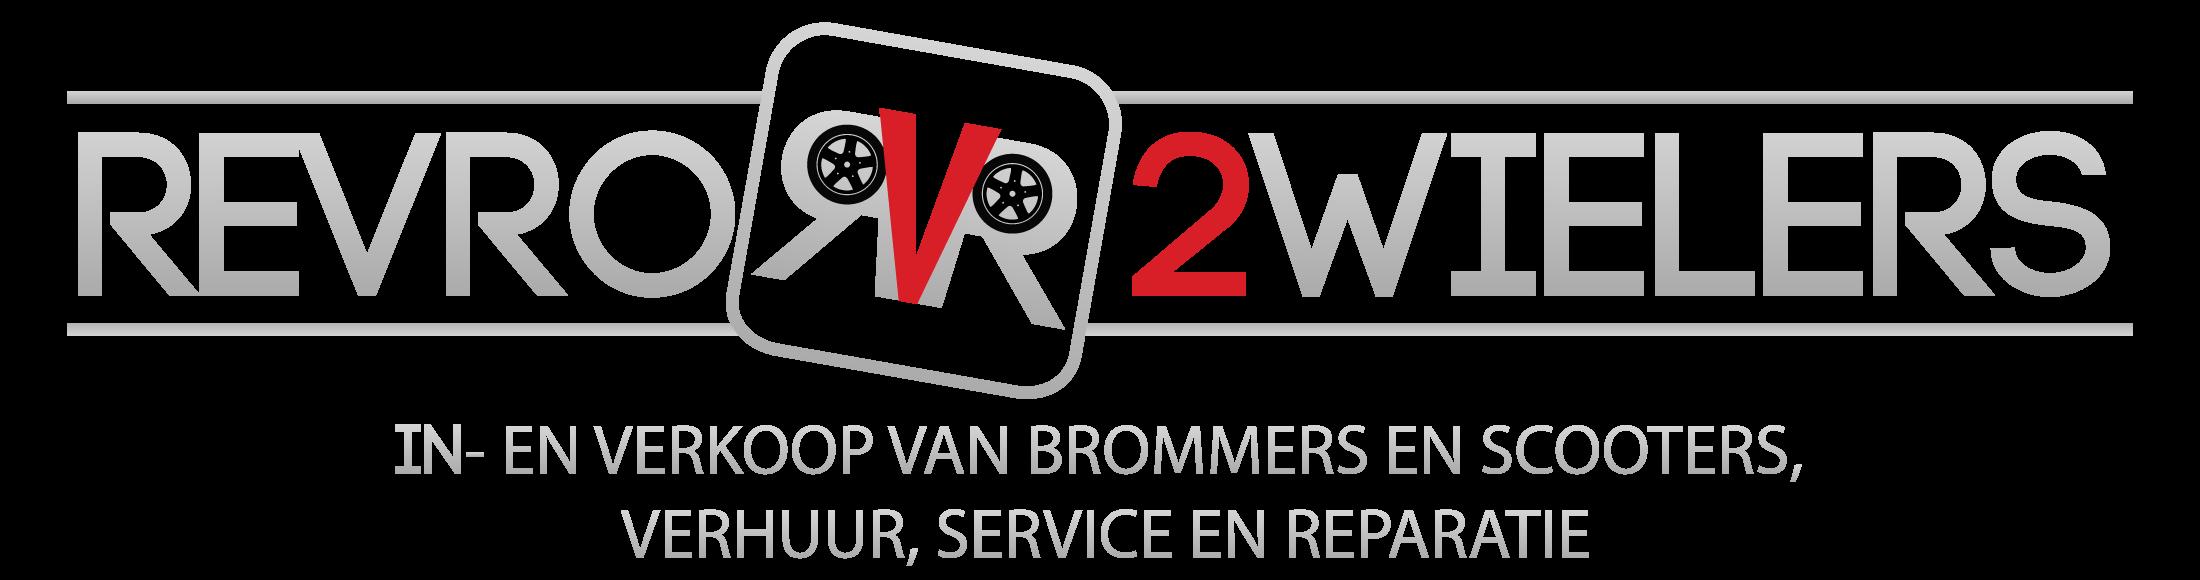 Revro 2wielers Retina Logo